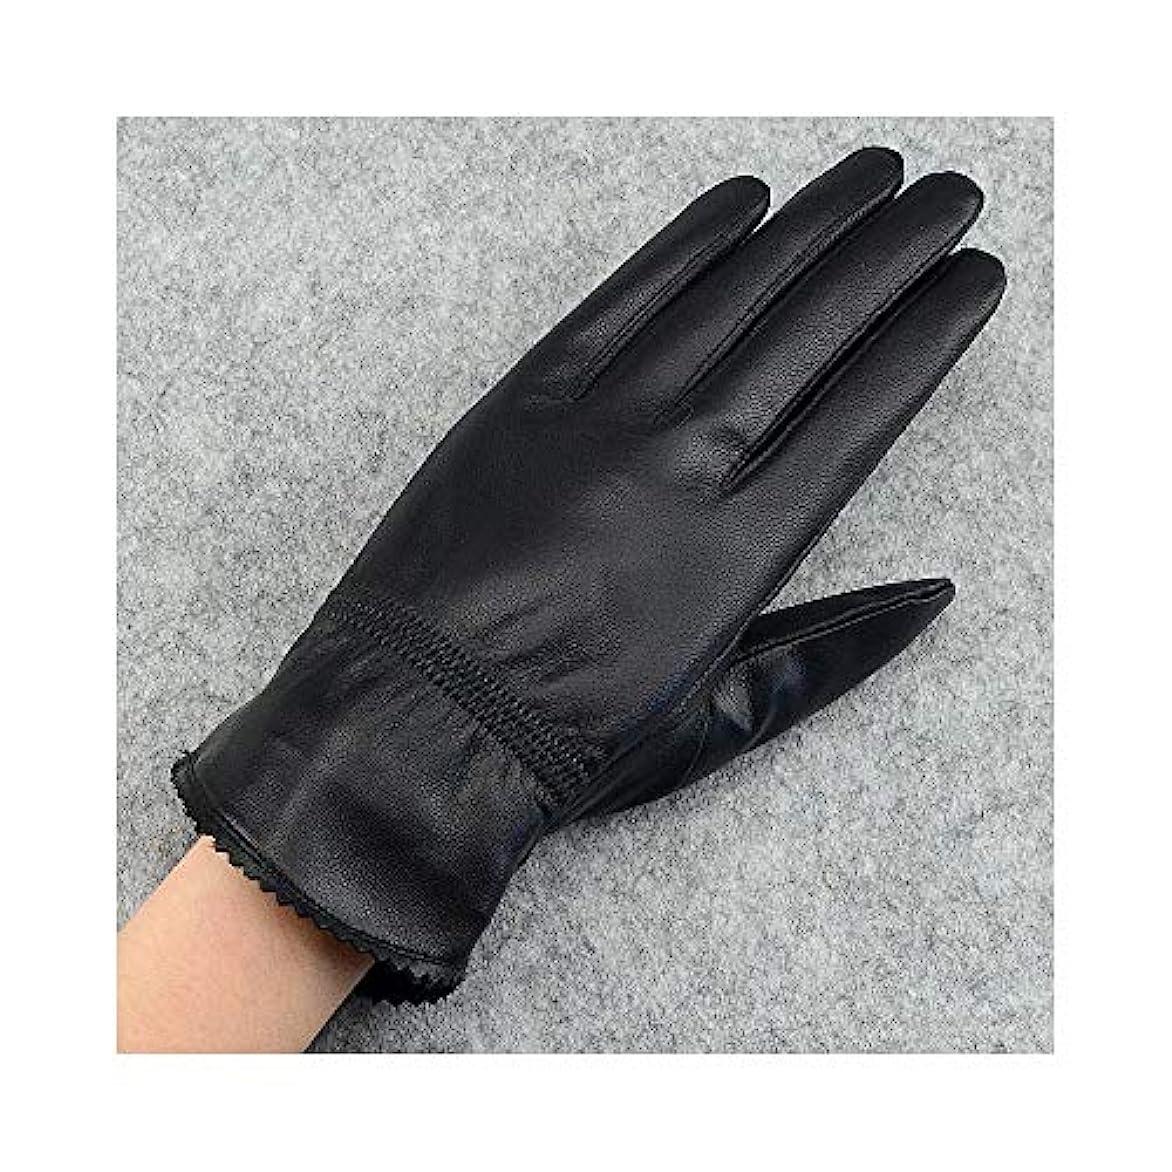 救急車津波毛布BAJIMI 手袋 グローブ レディース/メンズ ハンド ケア ファッション女性の革の手袋は、秋と冬の暖かい冬の乗馬用手袋を厚くする 裏起毛 おしゃれ 手触りが良い 運転 耐磨耗性 換気性